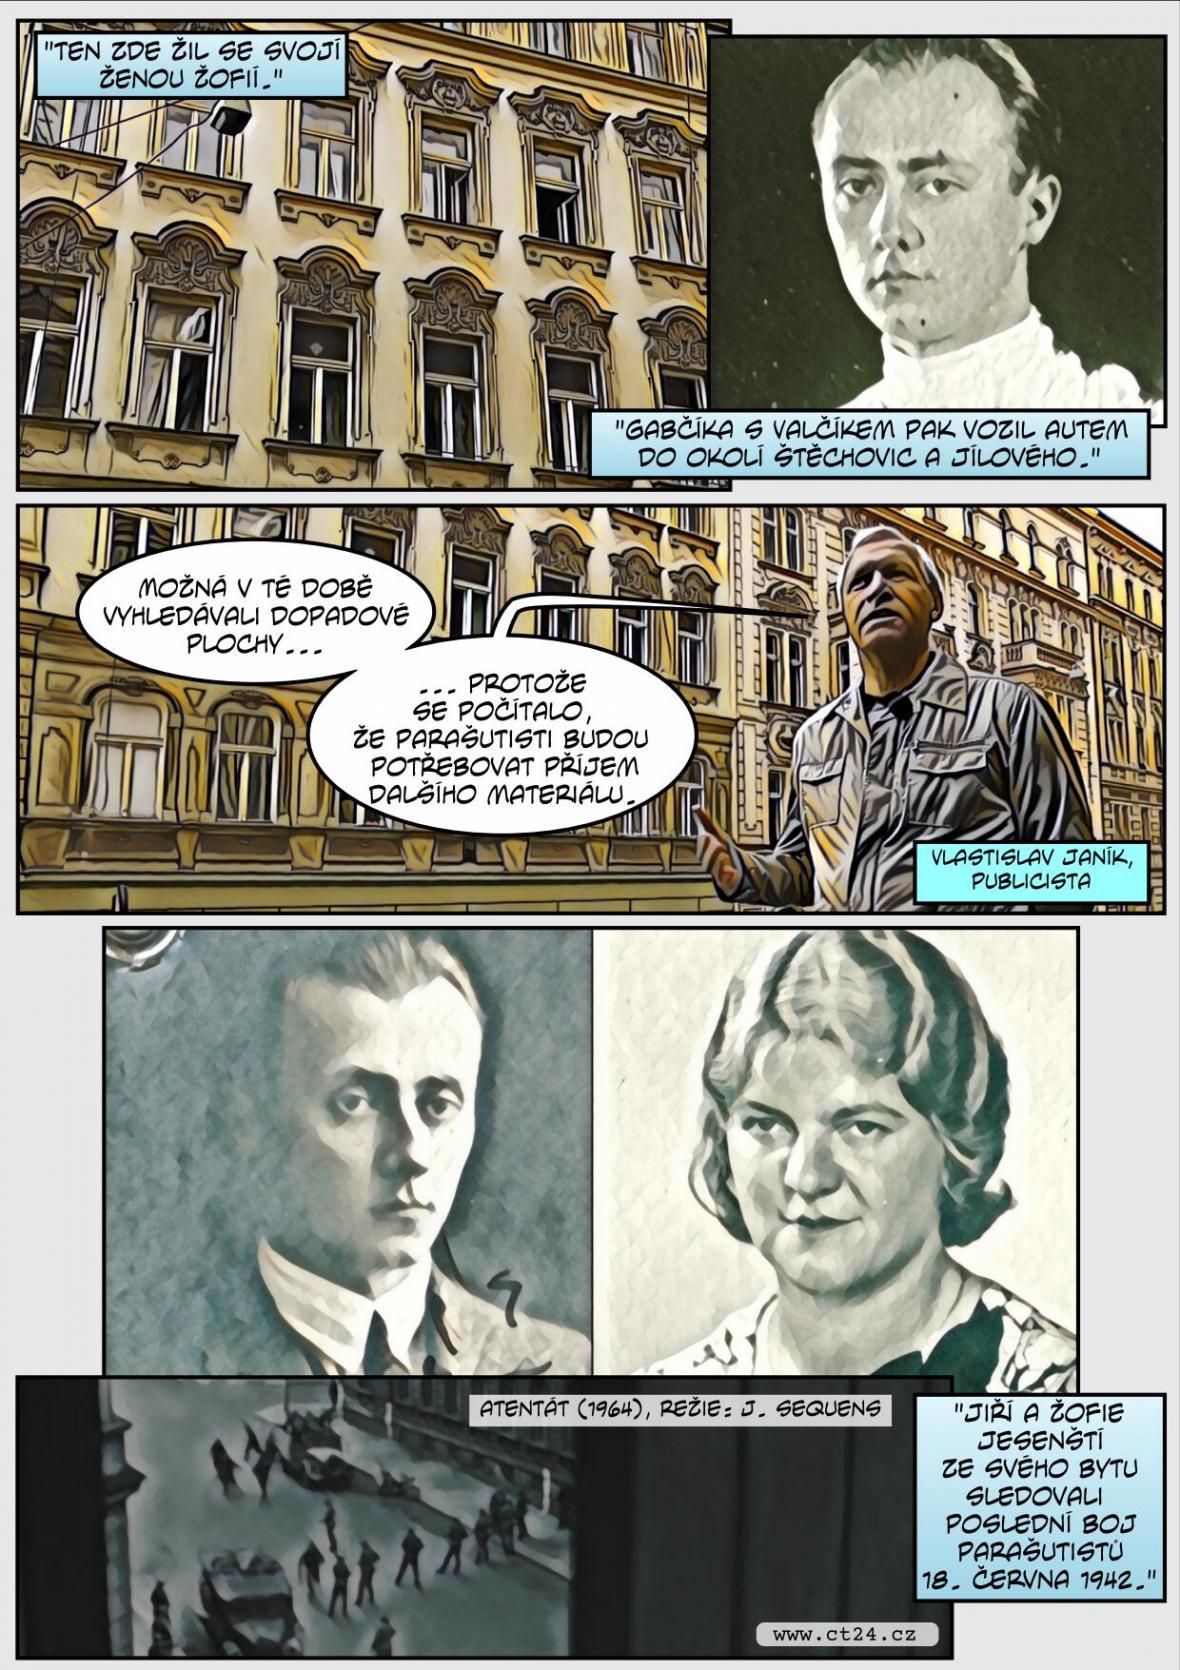 Příběh hrdinství. Manželé Jesenští patřili do protinacistického odboje